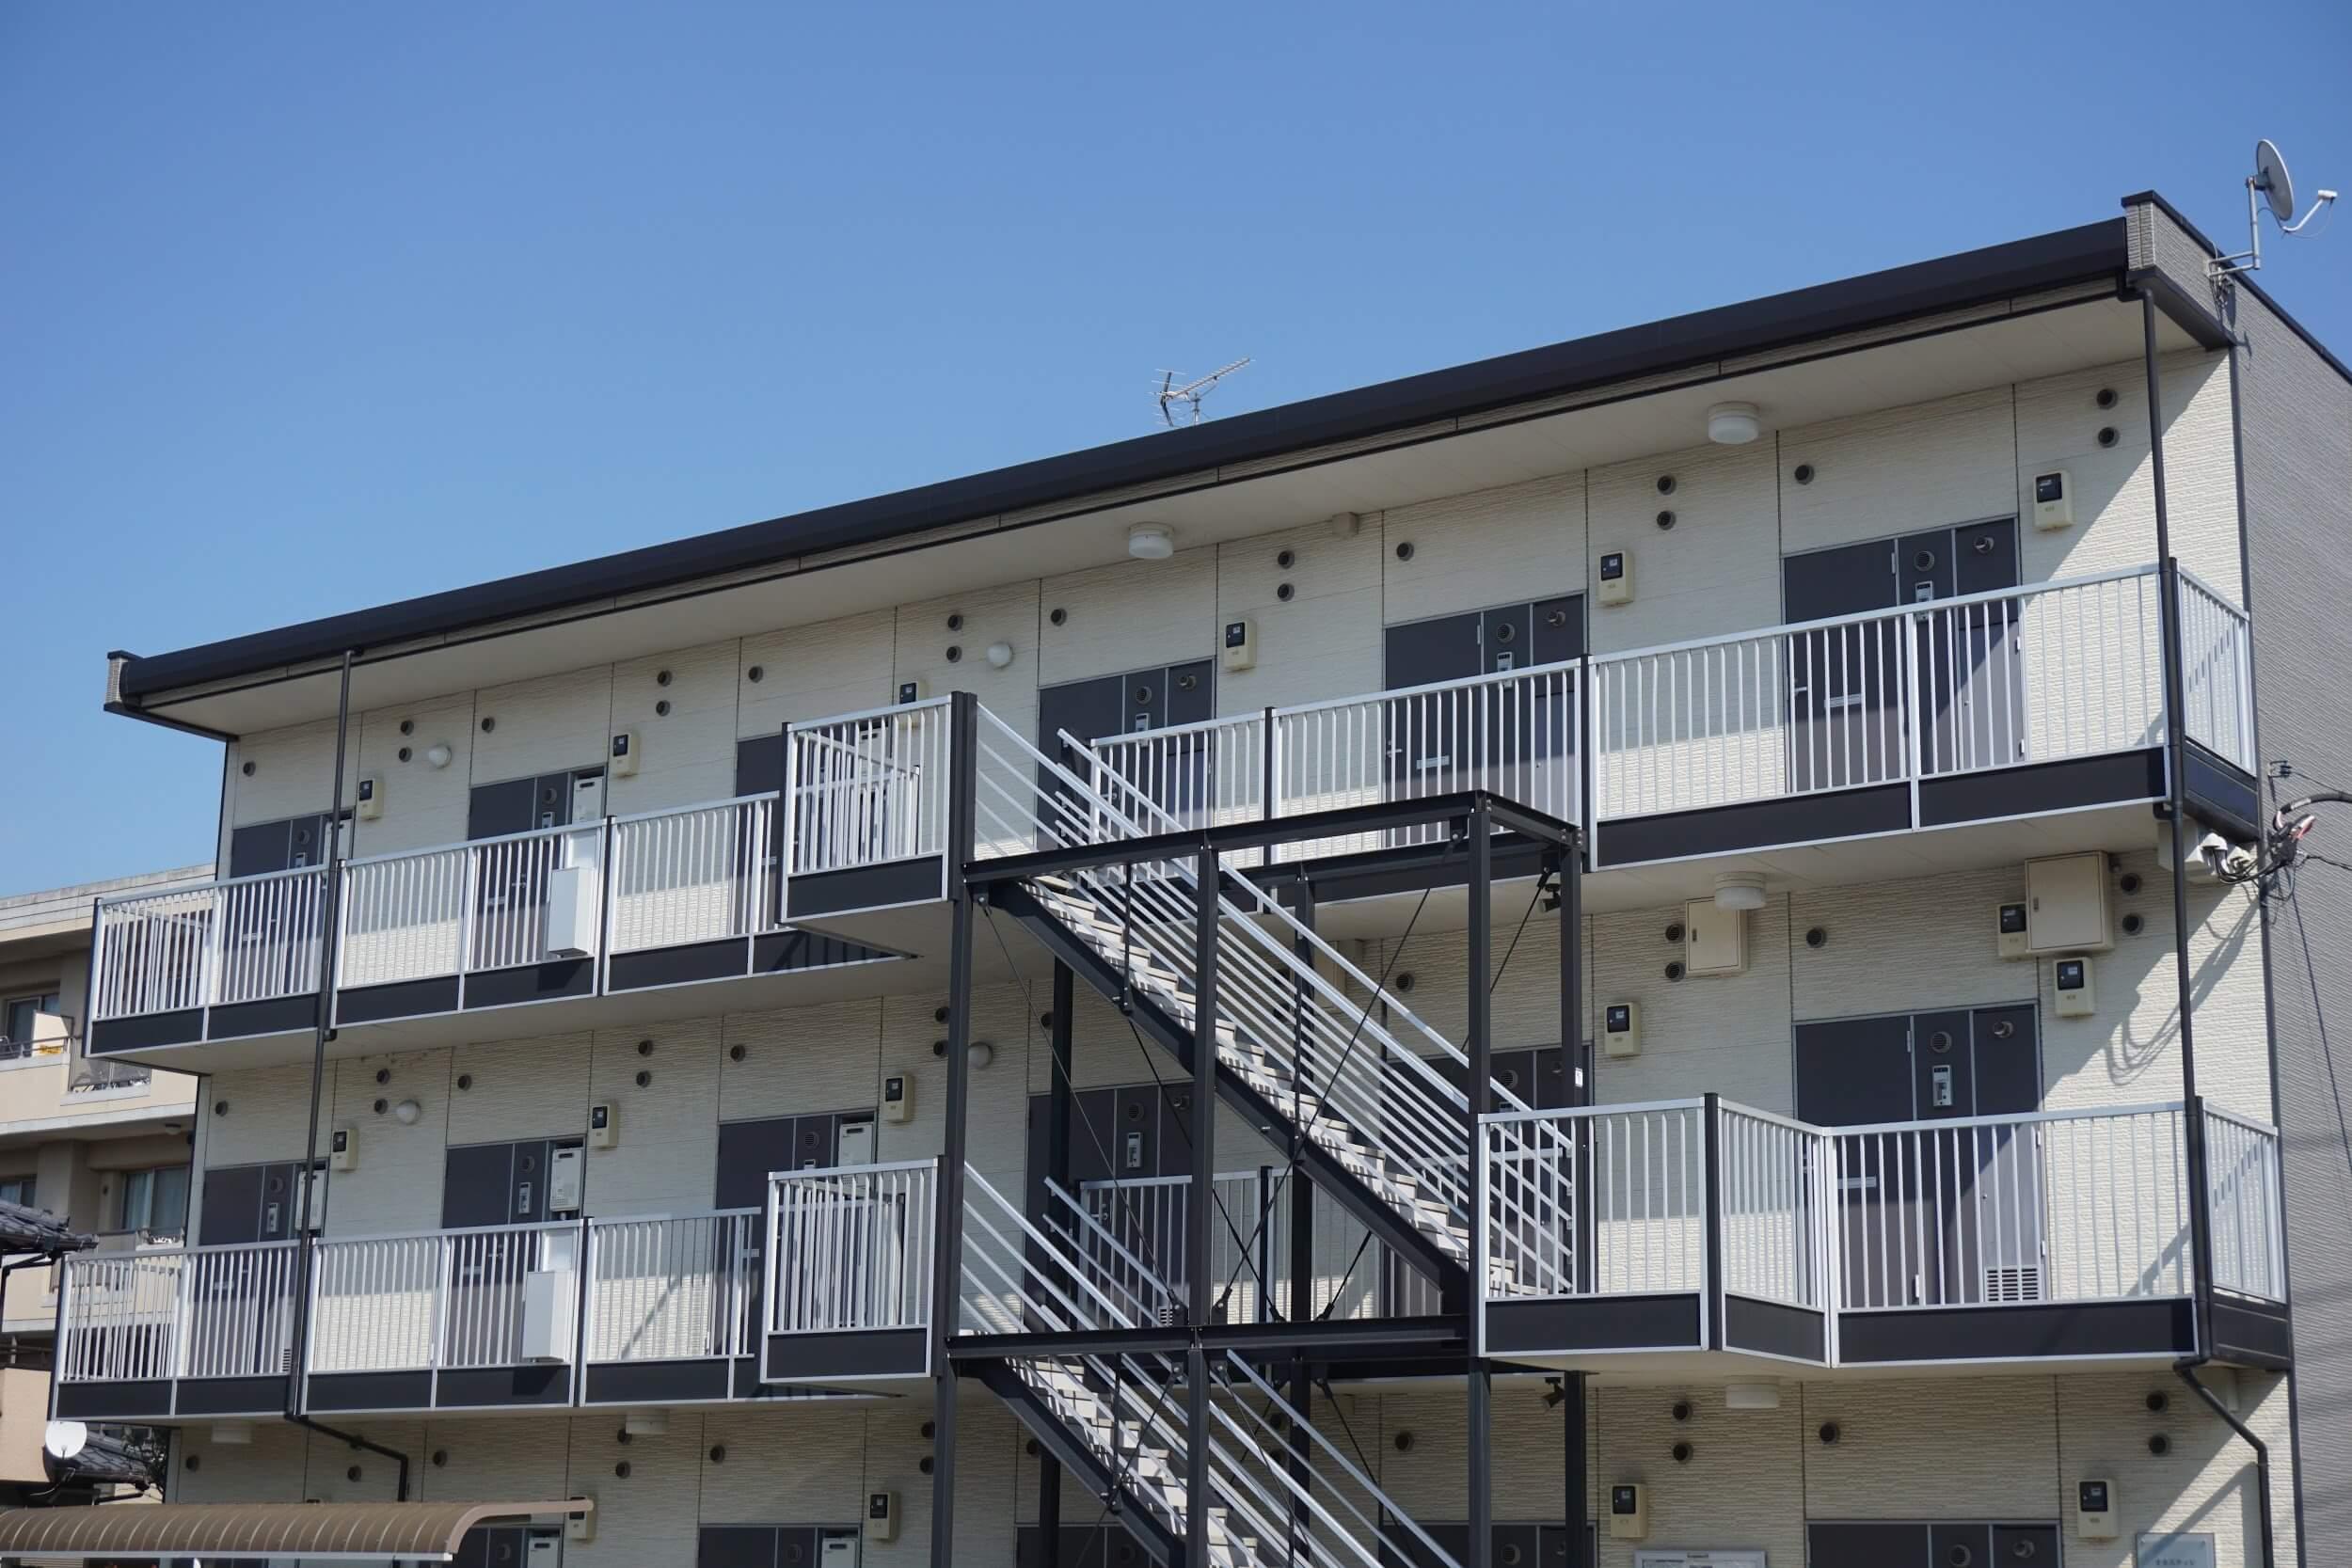 マンションやアパートでは原因箇所の所有者